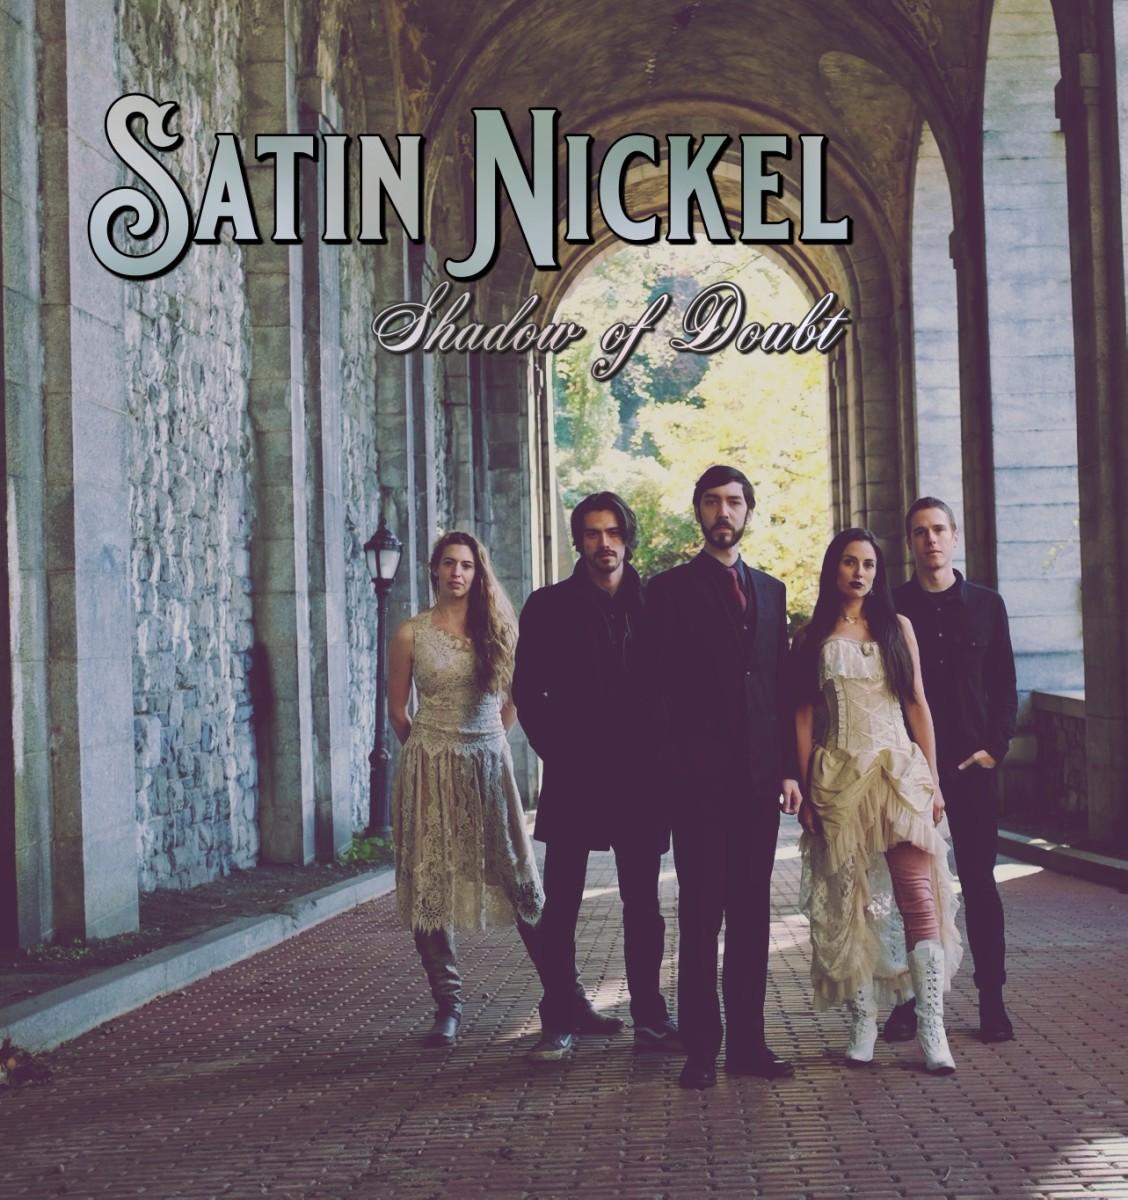 Satin Nickel - SHADOW OF DOUBT - album a